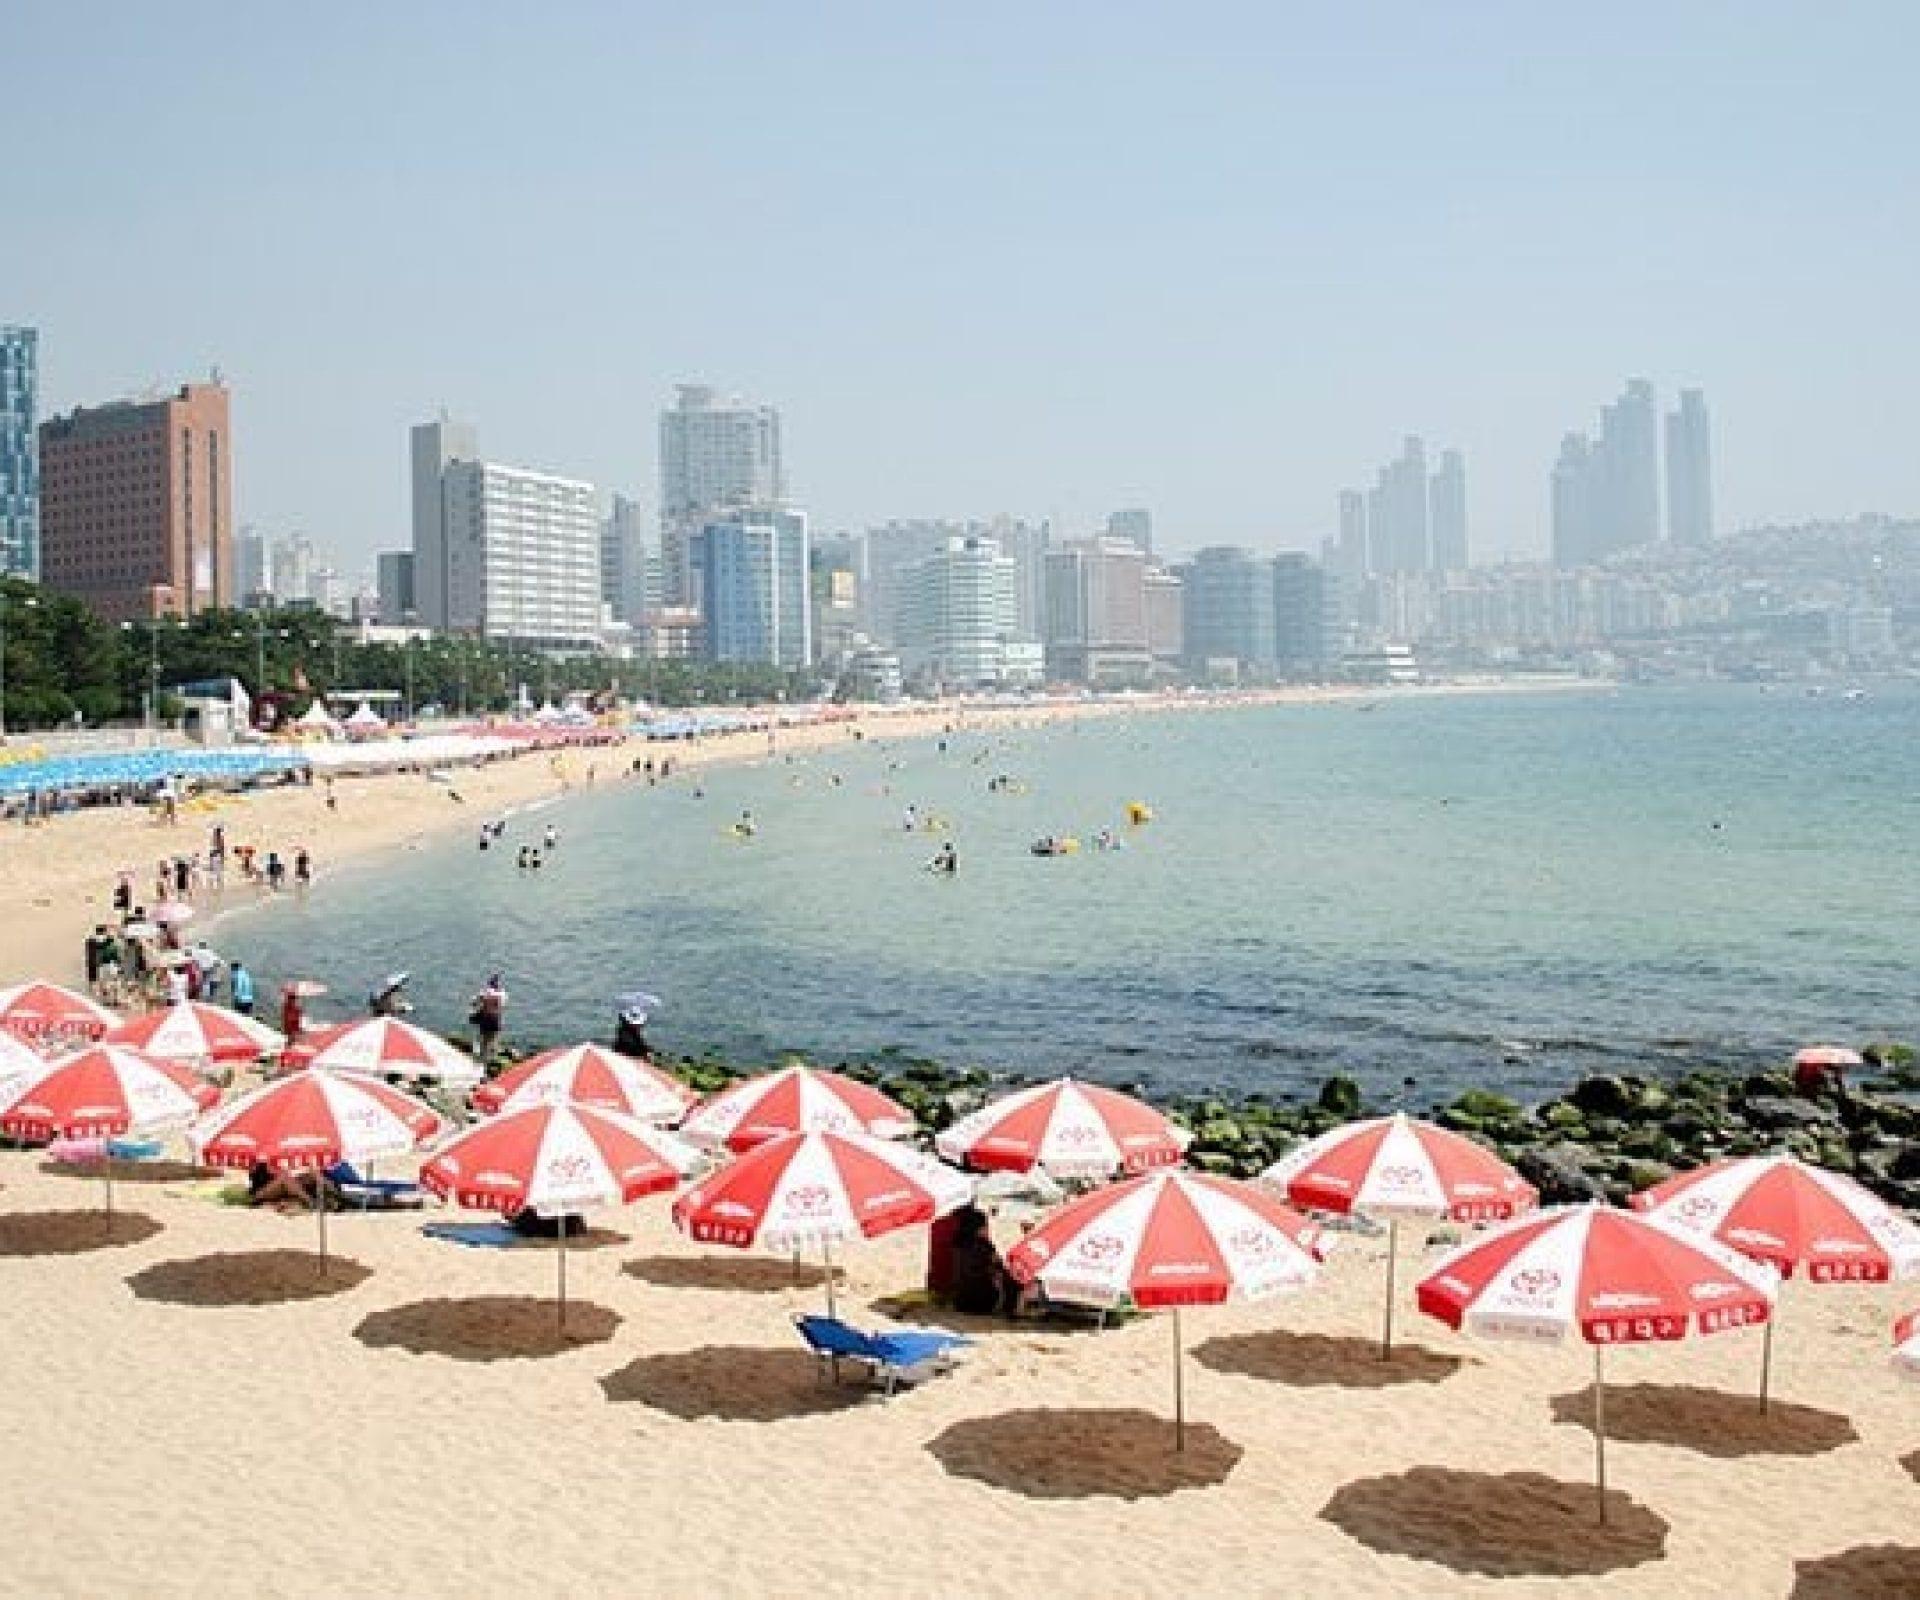 Haeundae Beach | Haeundae-gu, Busan